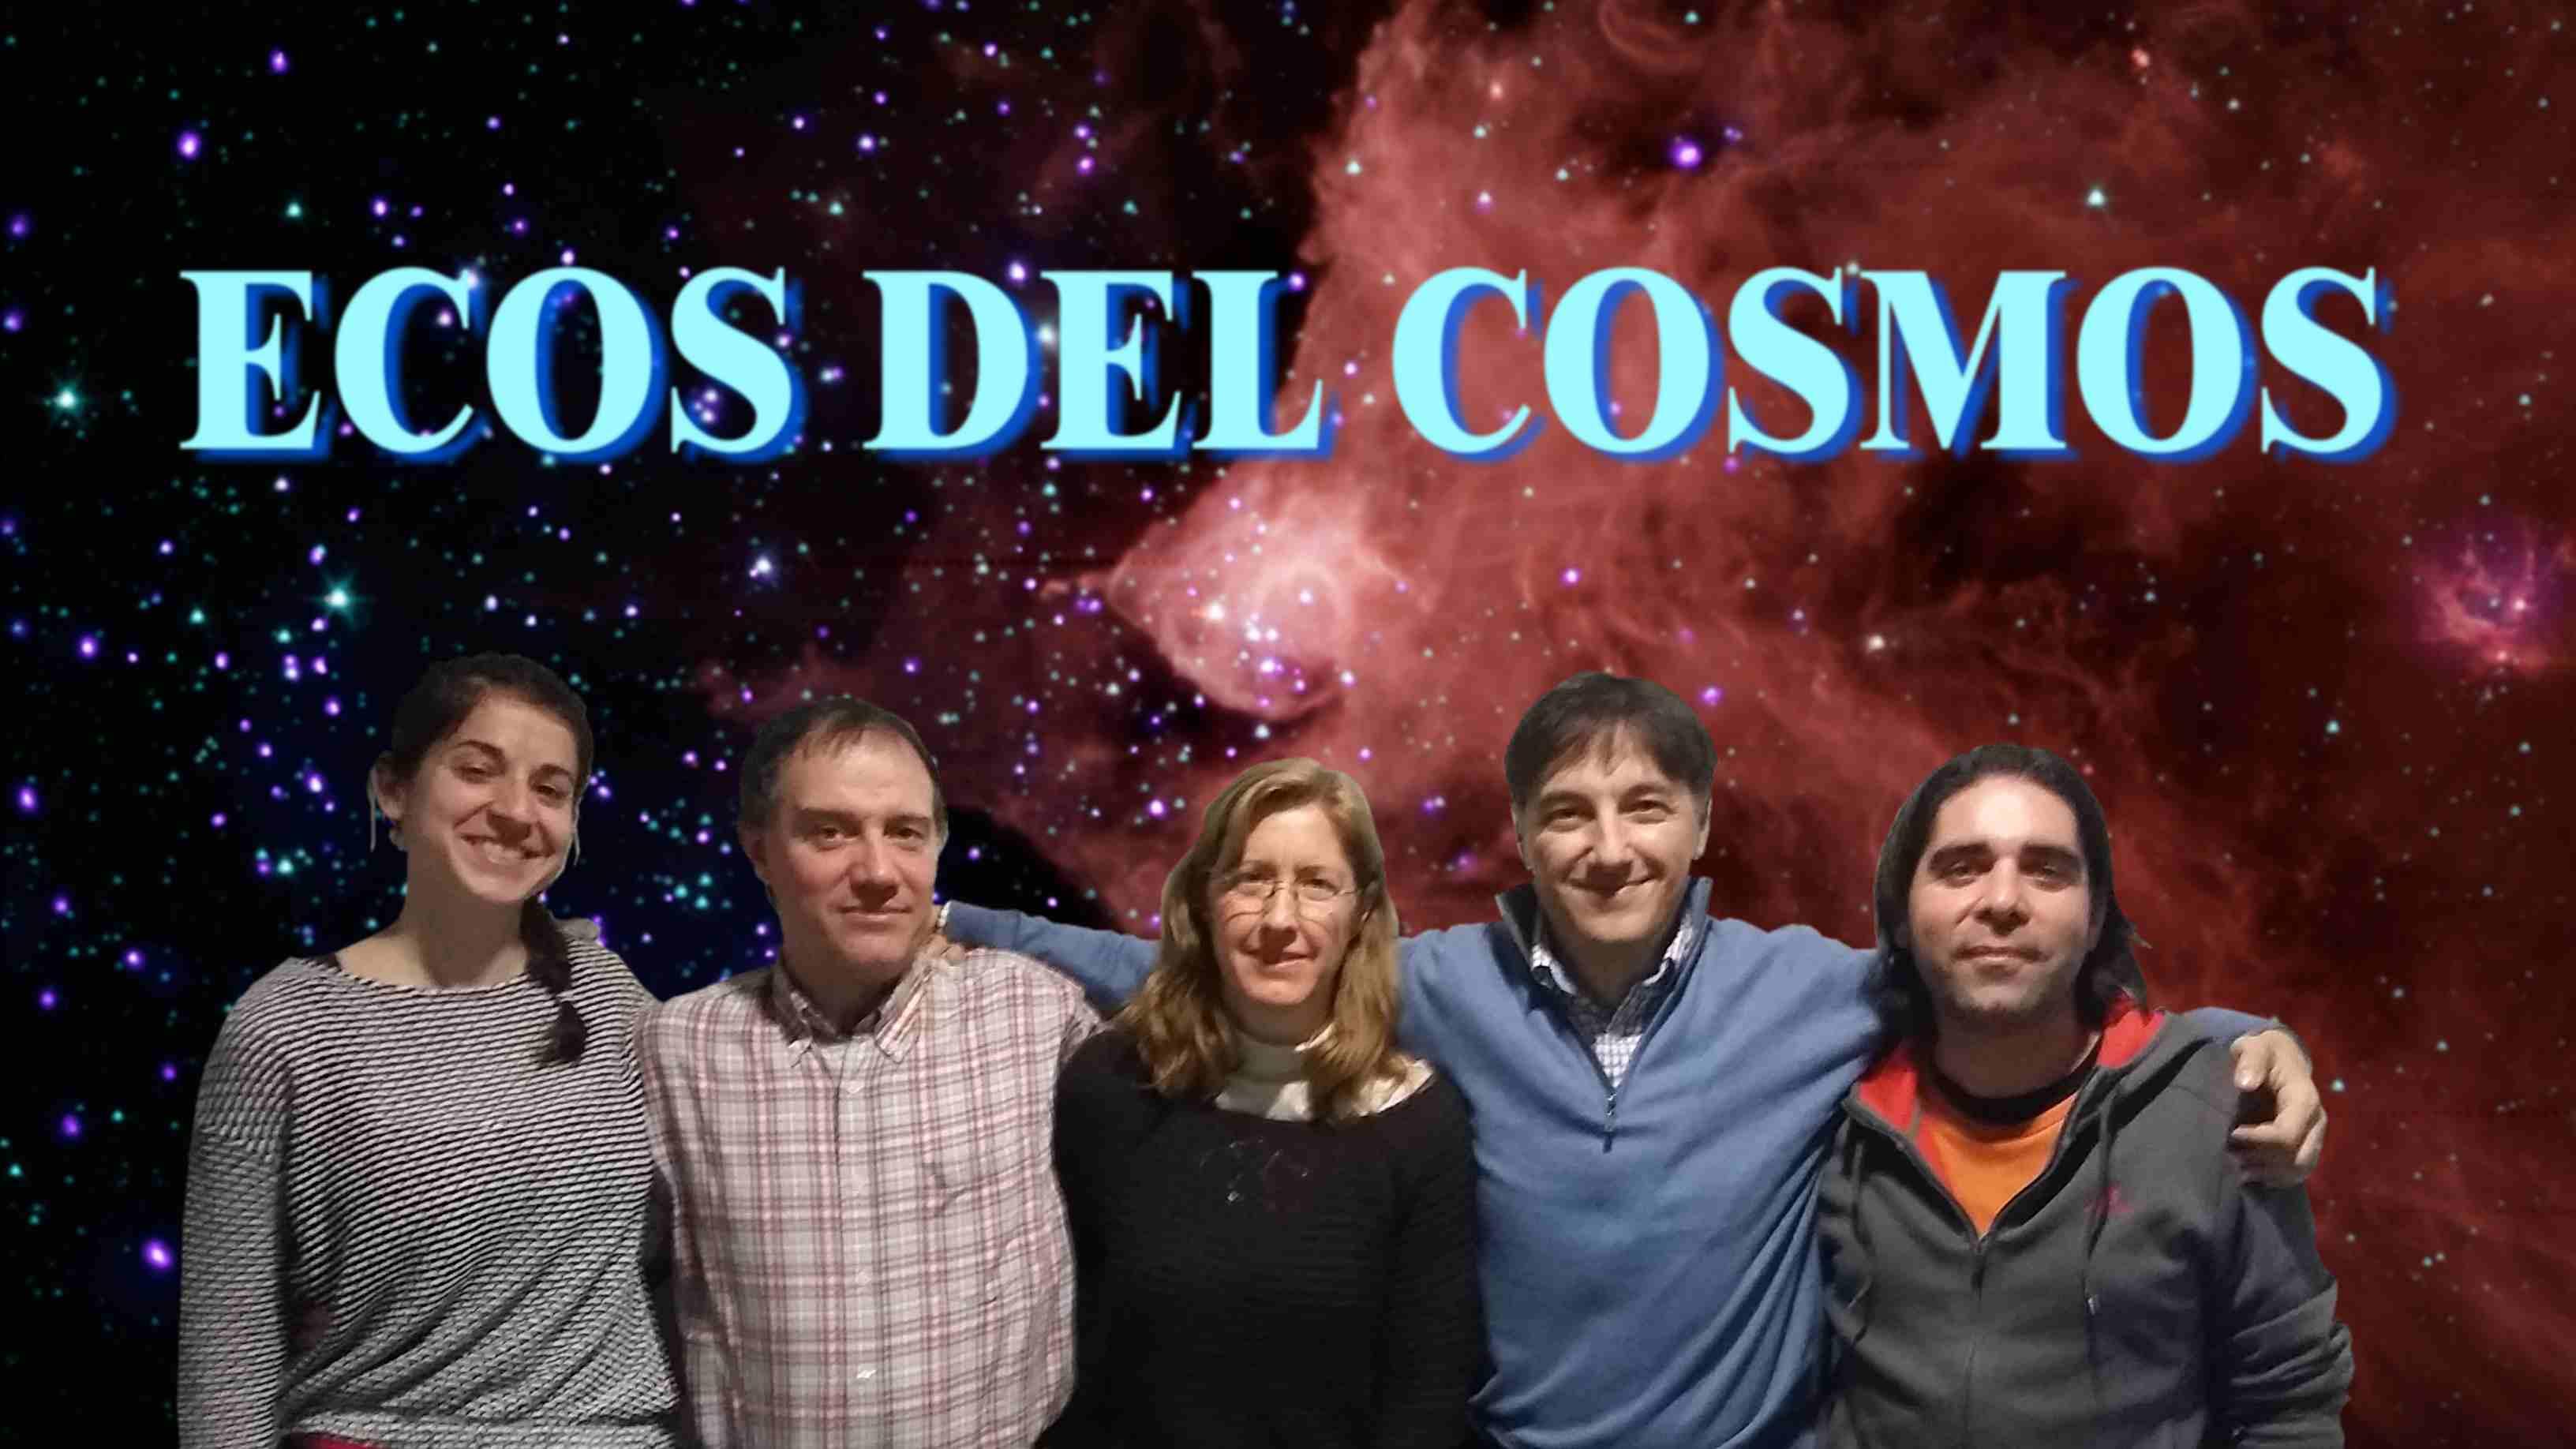 el equipo de Ecos del Cosmos